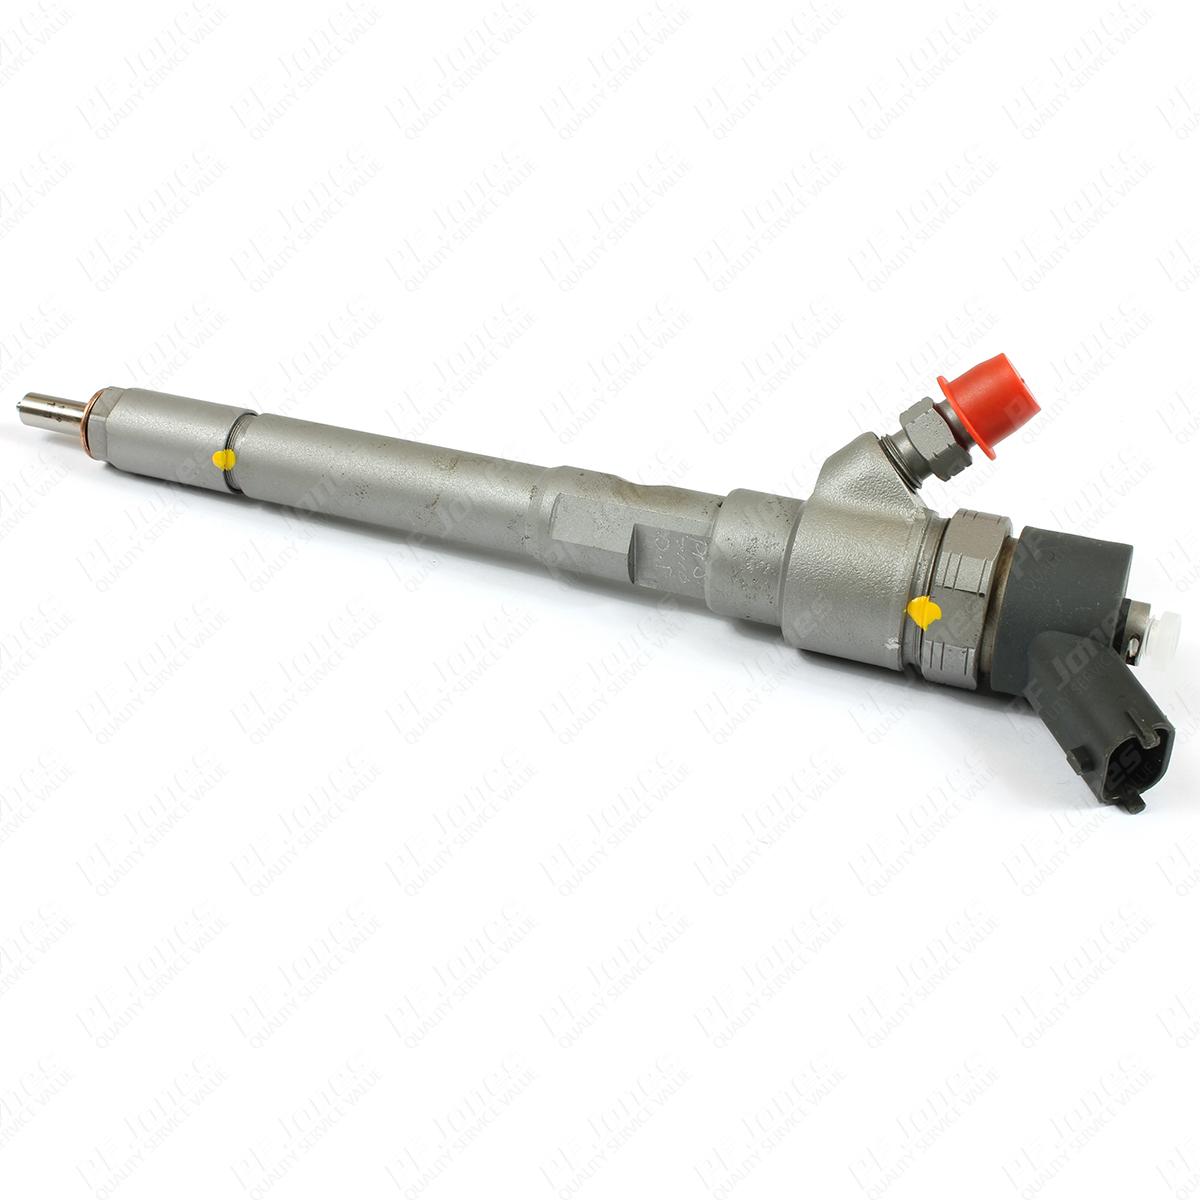 Hyundai i30 2.0 CRDI 2007-2011 New Bosch Diesel Injector 0445110257